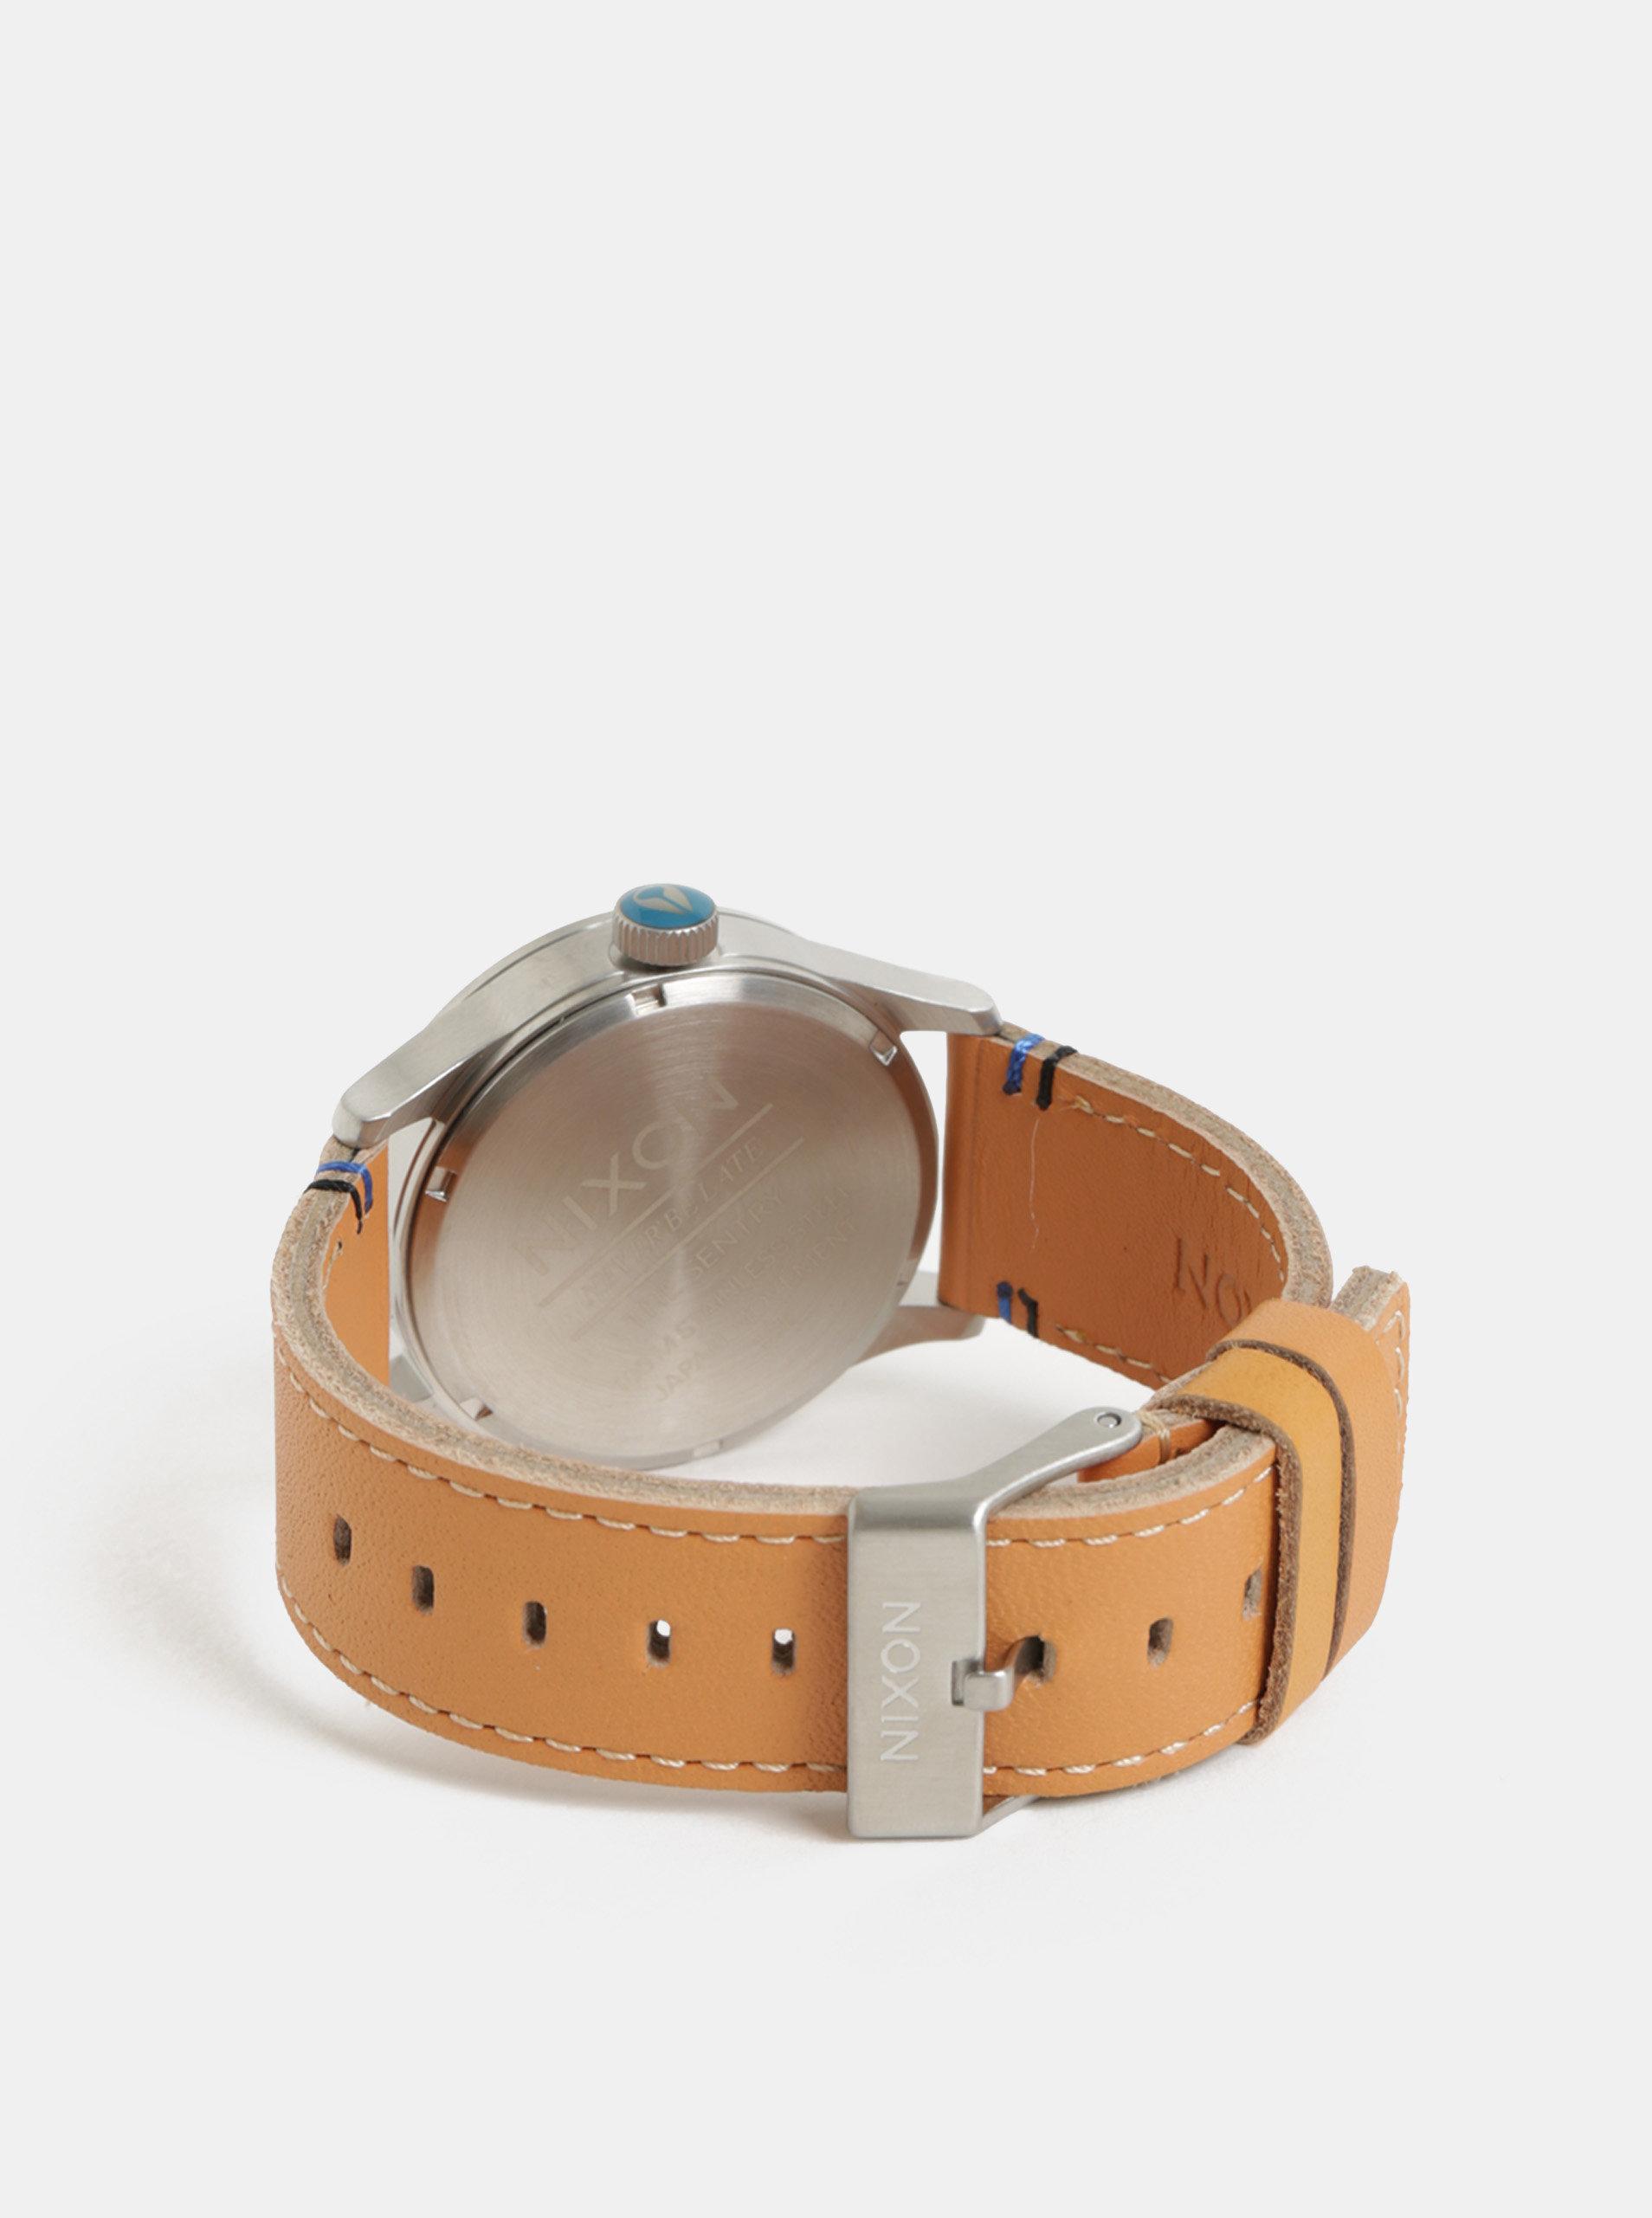 83e3b86d797 Pánske hodinky s hnedým koženým remienkom NIXON ...